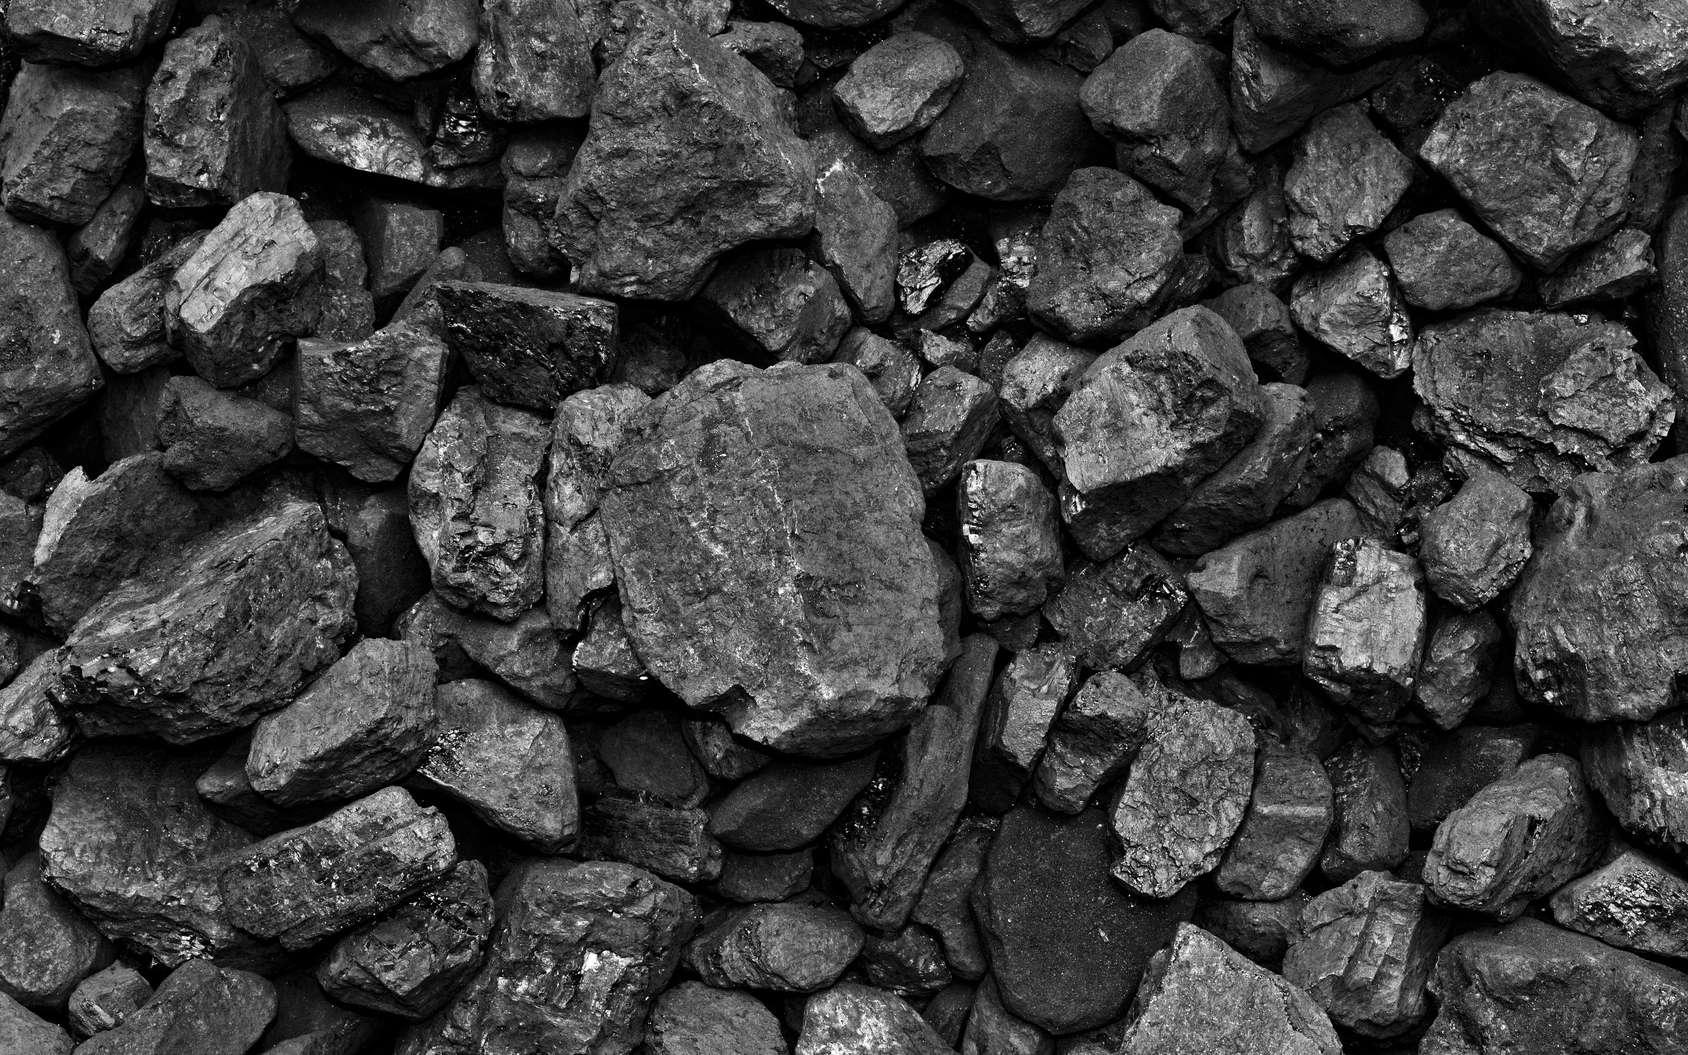 Le coke est un résidu de carbone quasi pur issu de la pyrolyse du charbon. © adam88xx - Fotolia